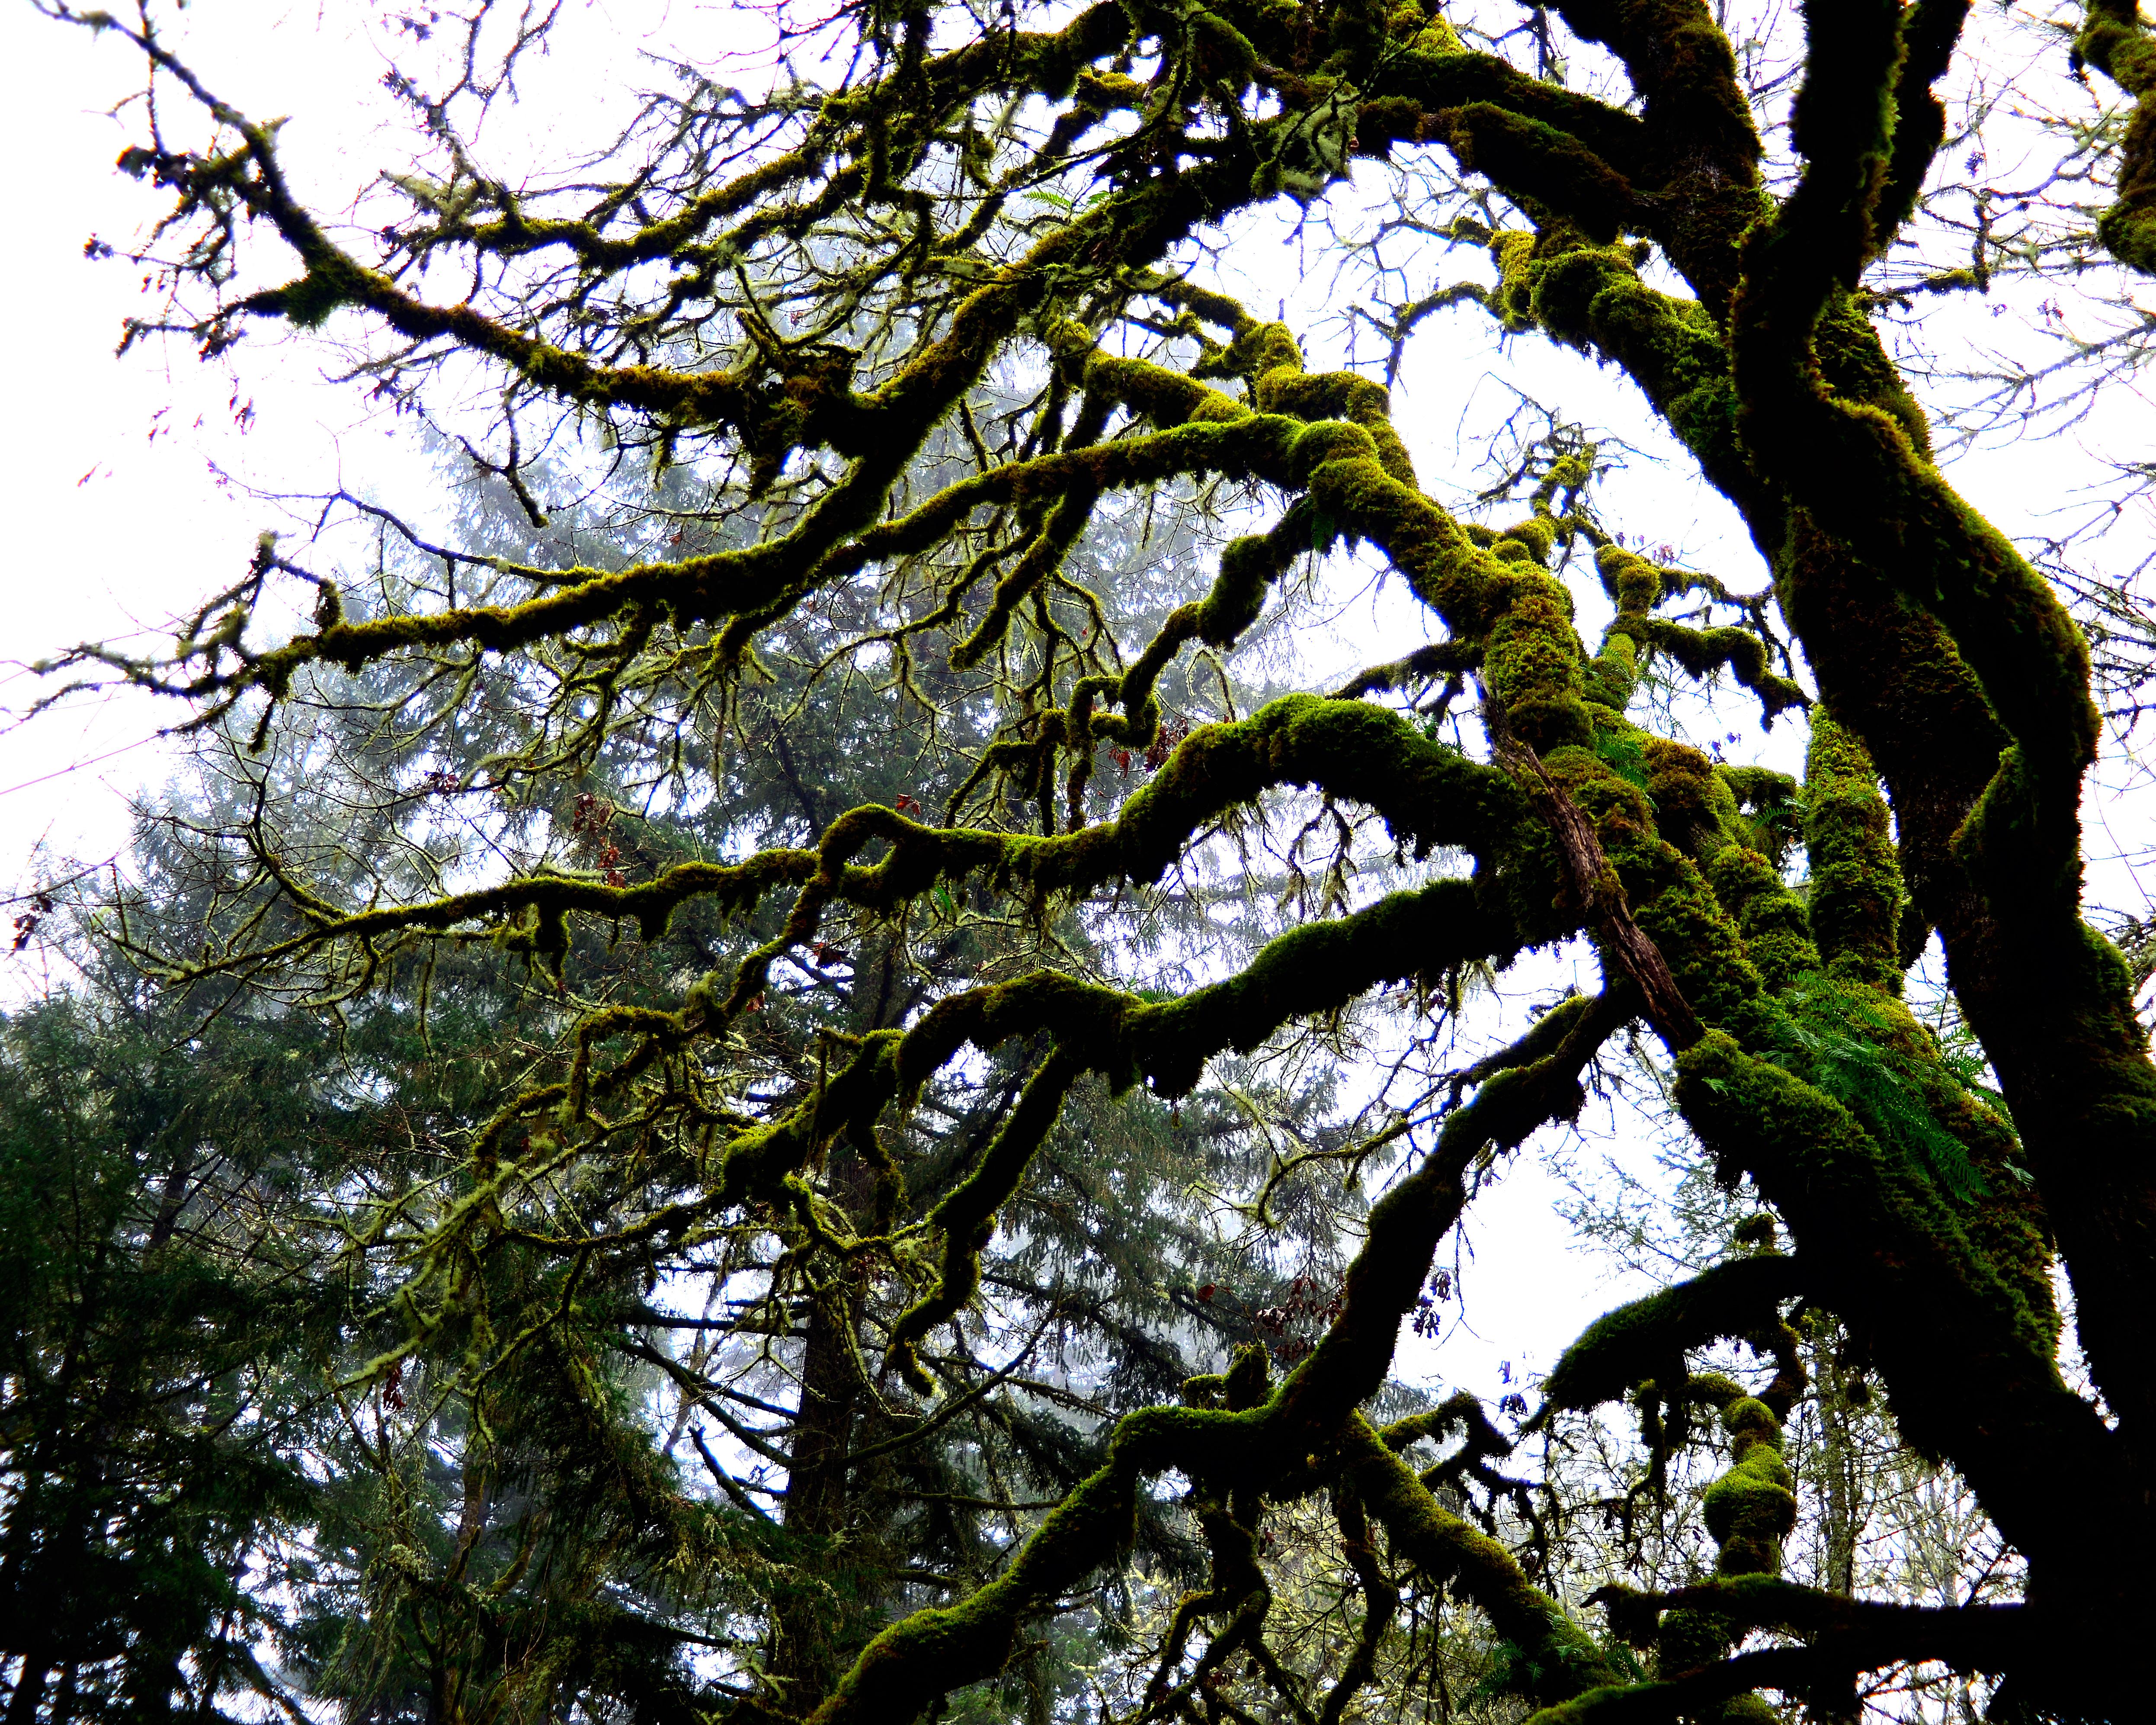 5-Moss on sleeping oak